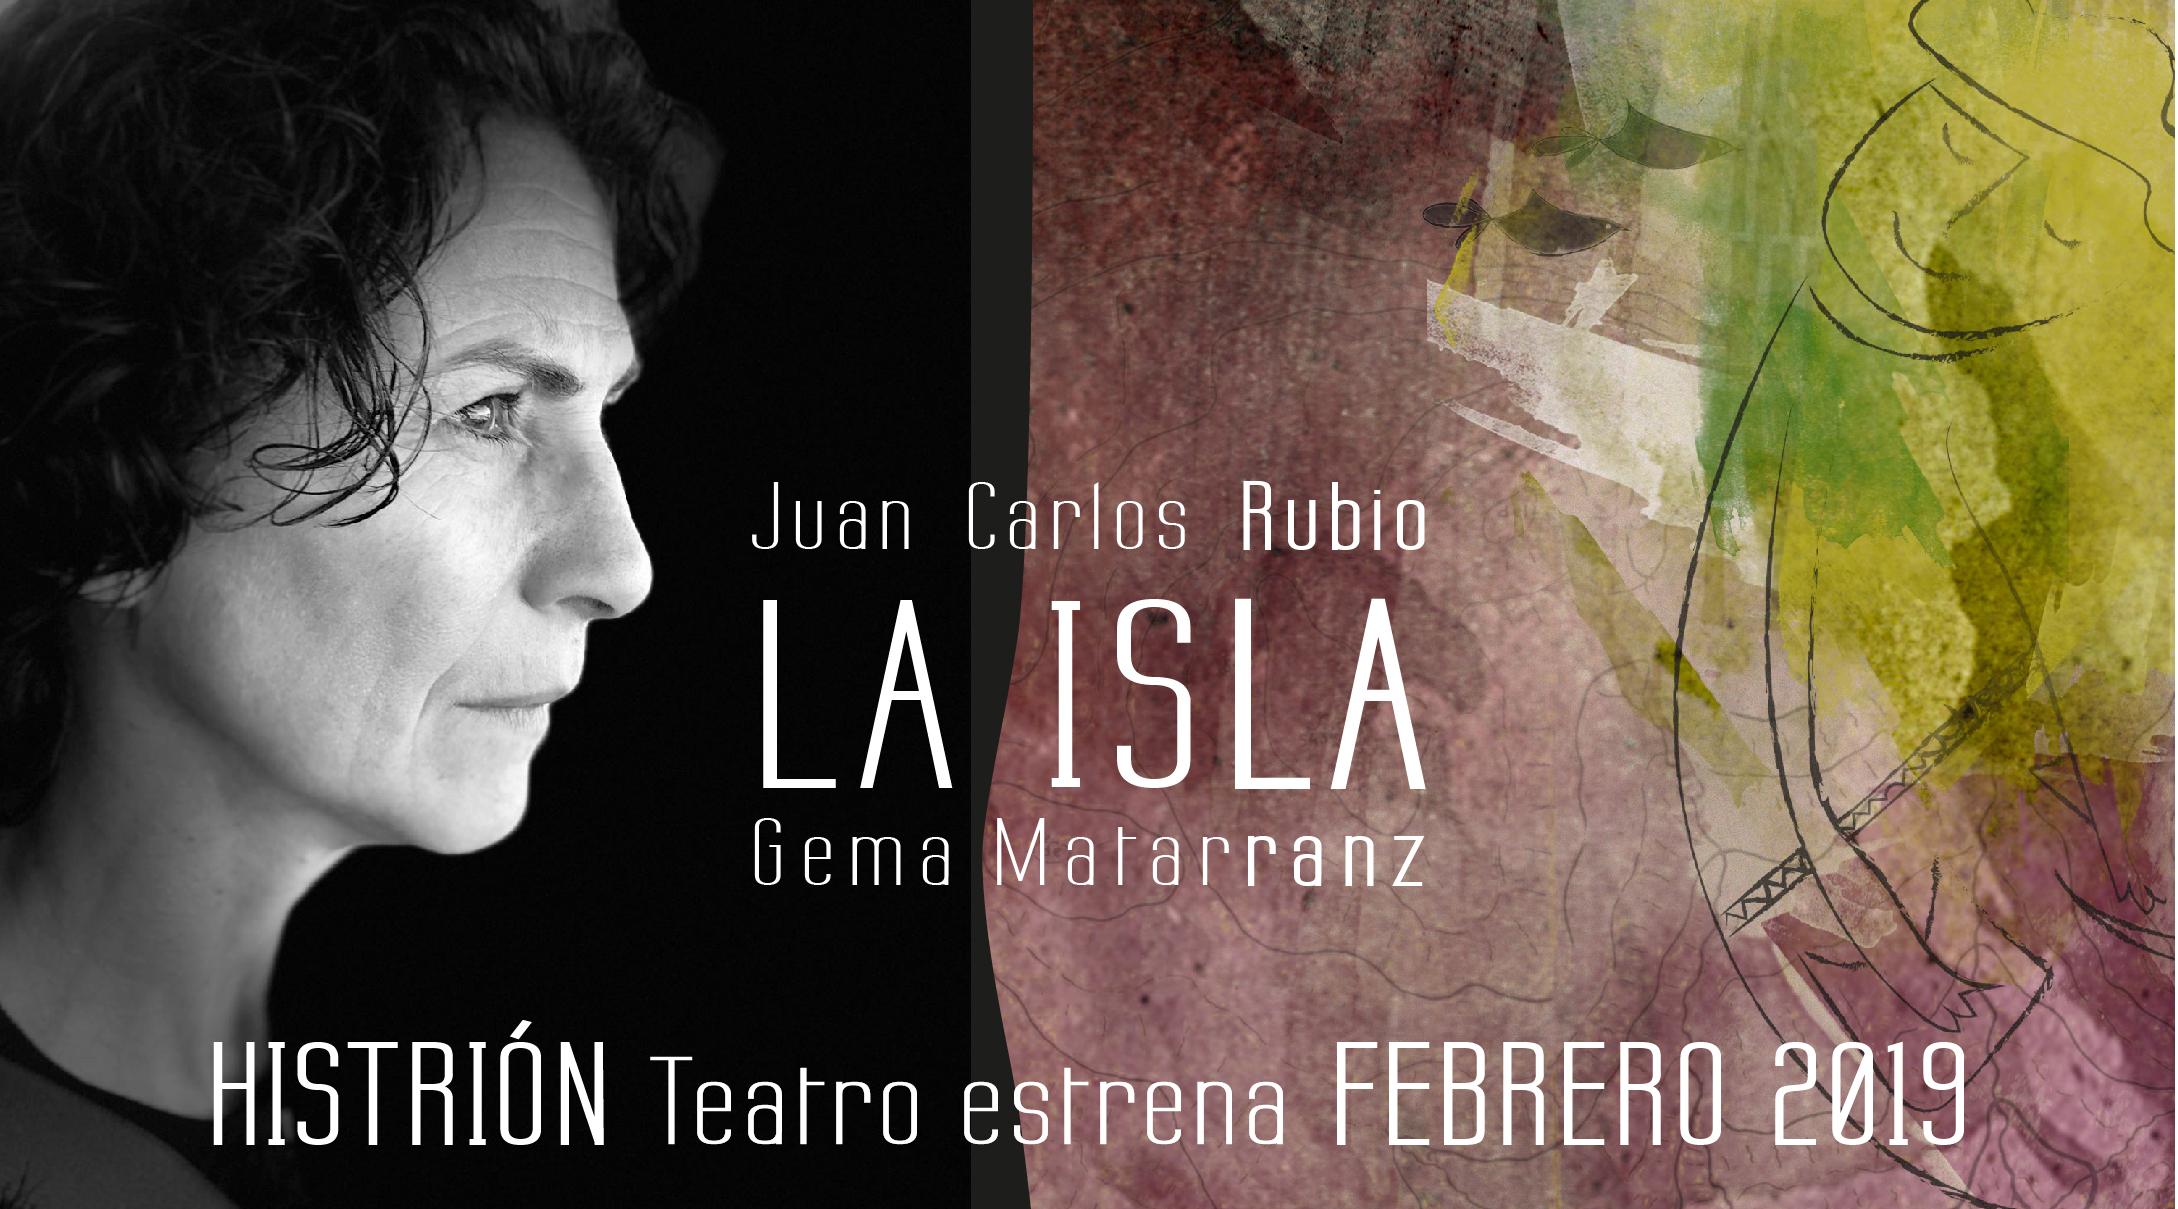 La Isla de Juan Carlos Rubio en el Teatro Alhambra